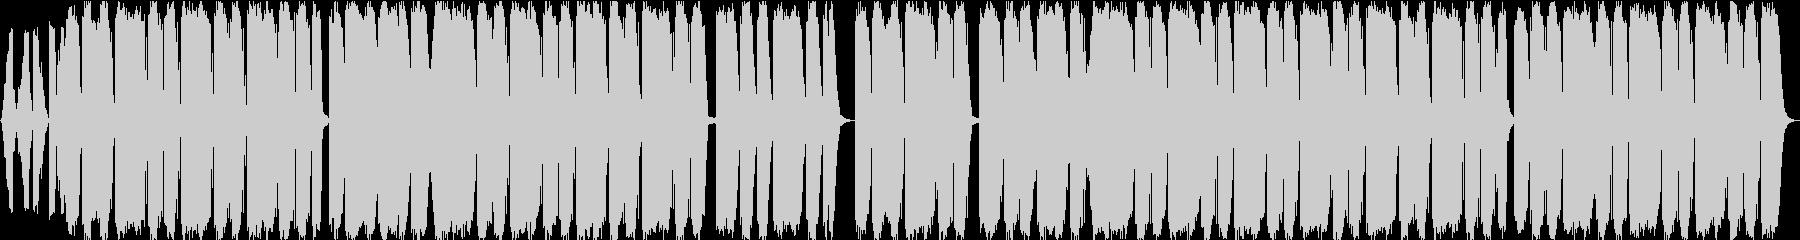 R&B系トラップビートの未再生の波形